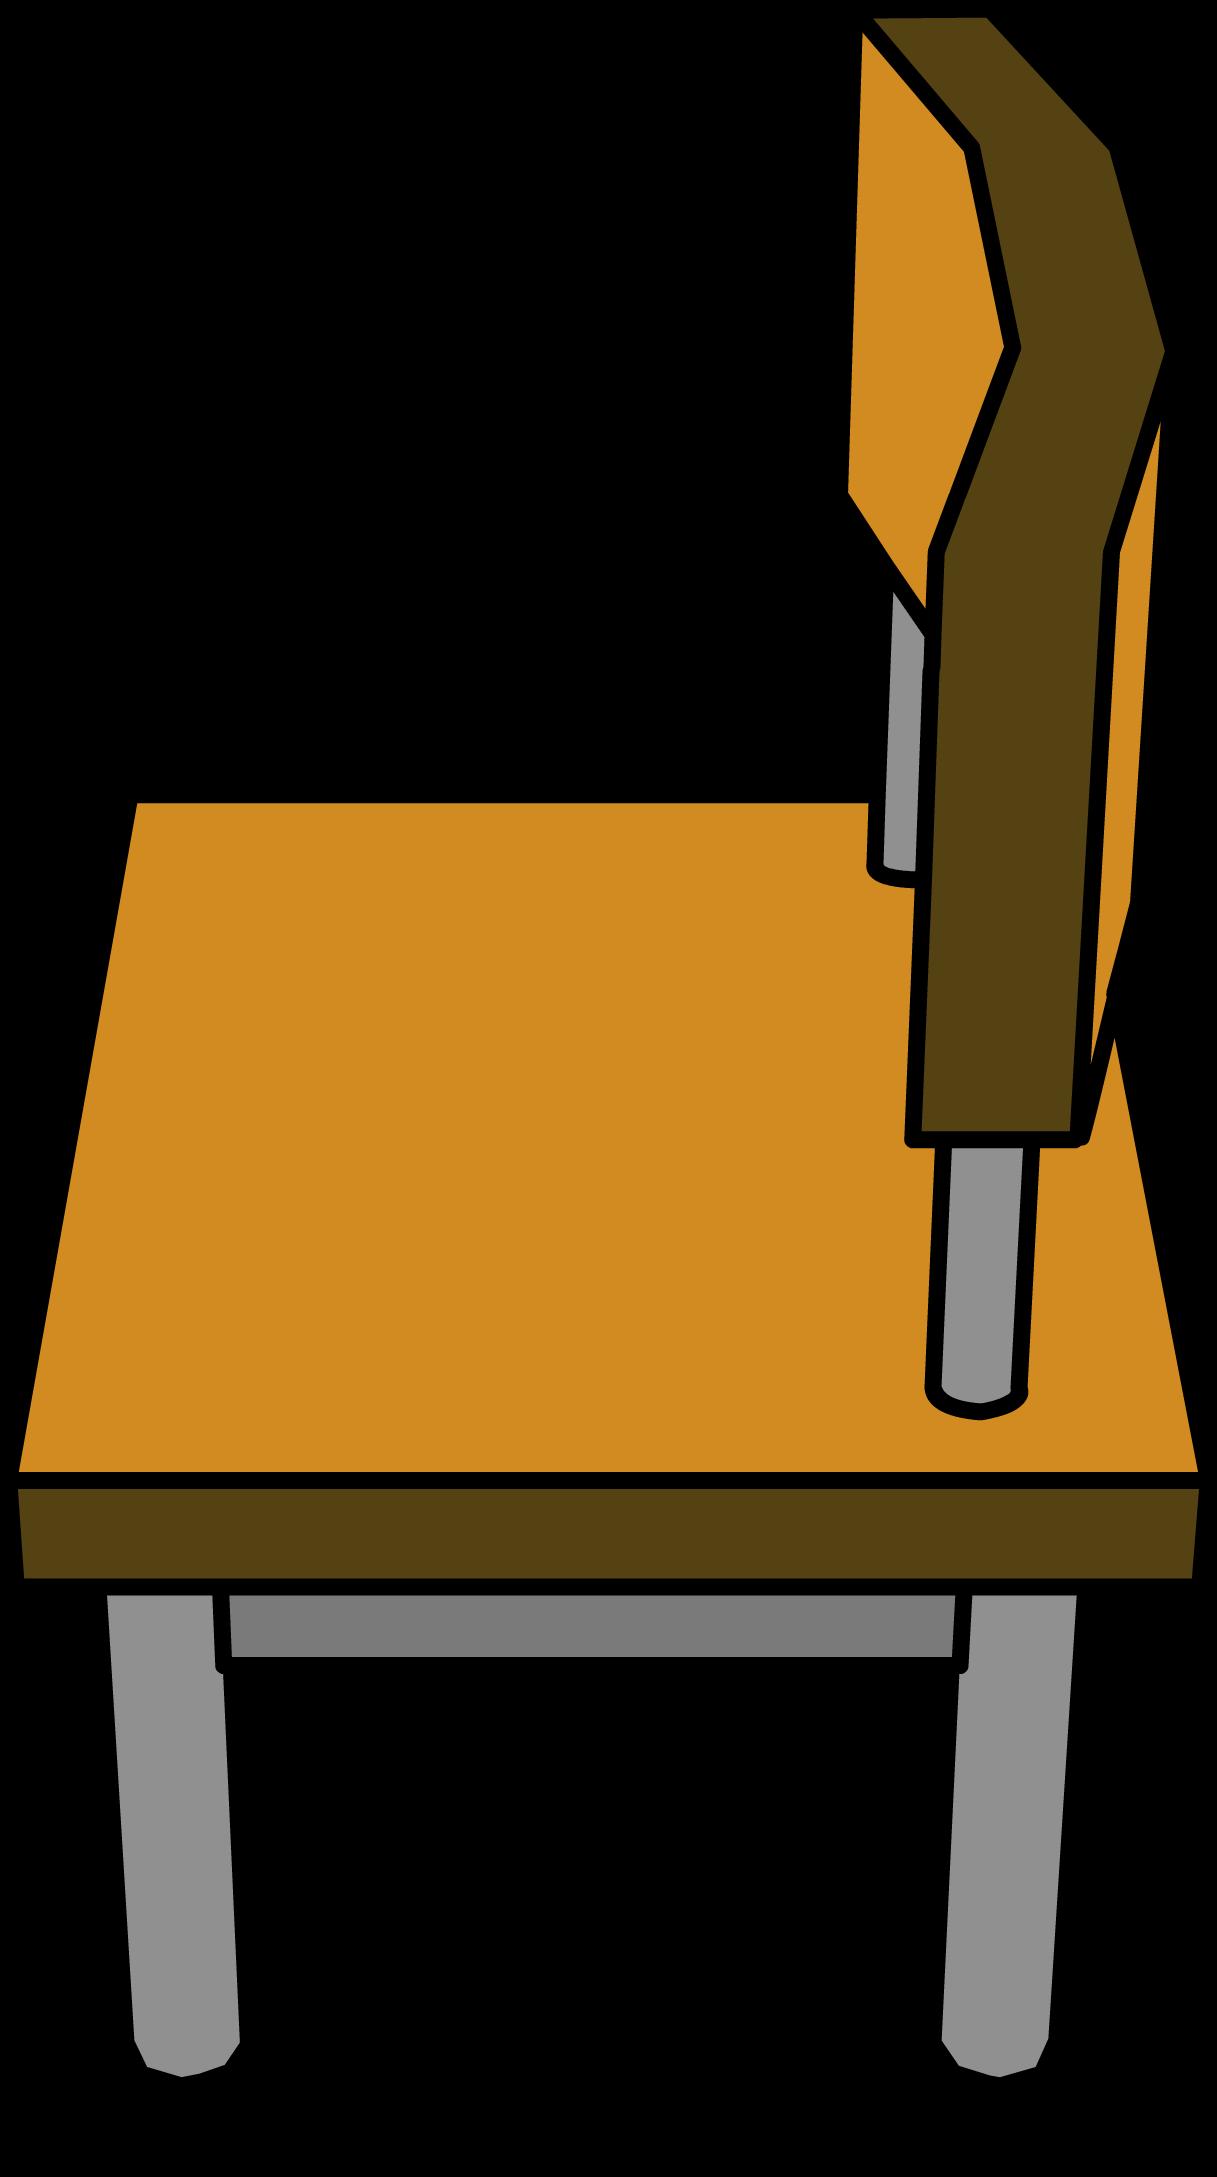 Chair classroom chair